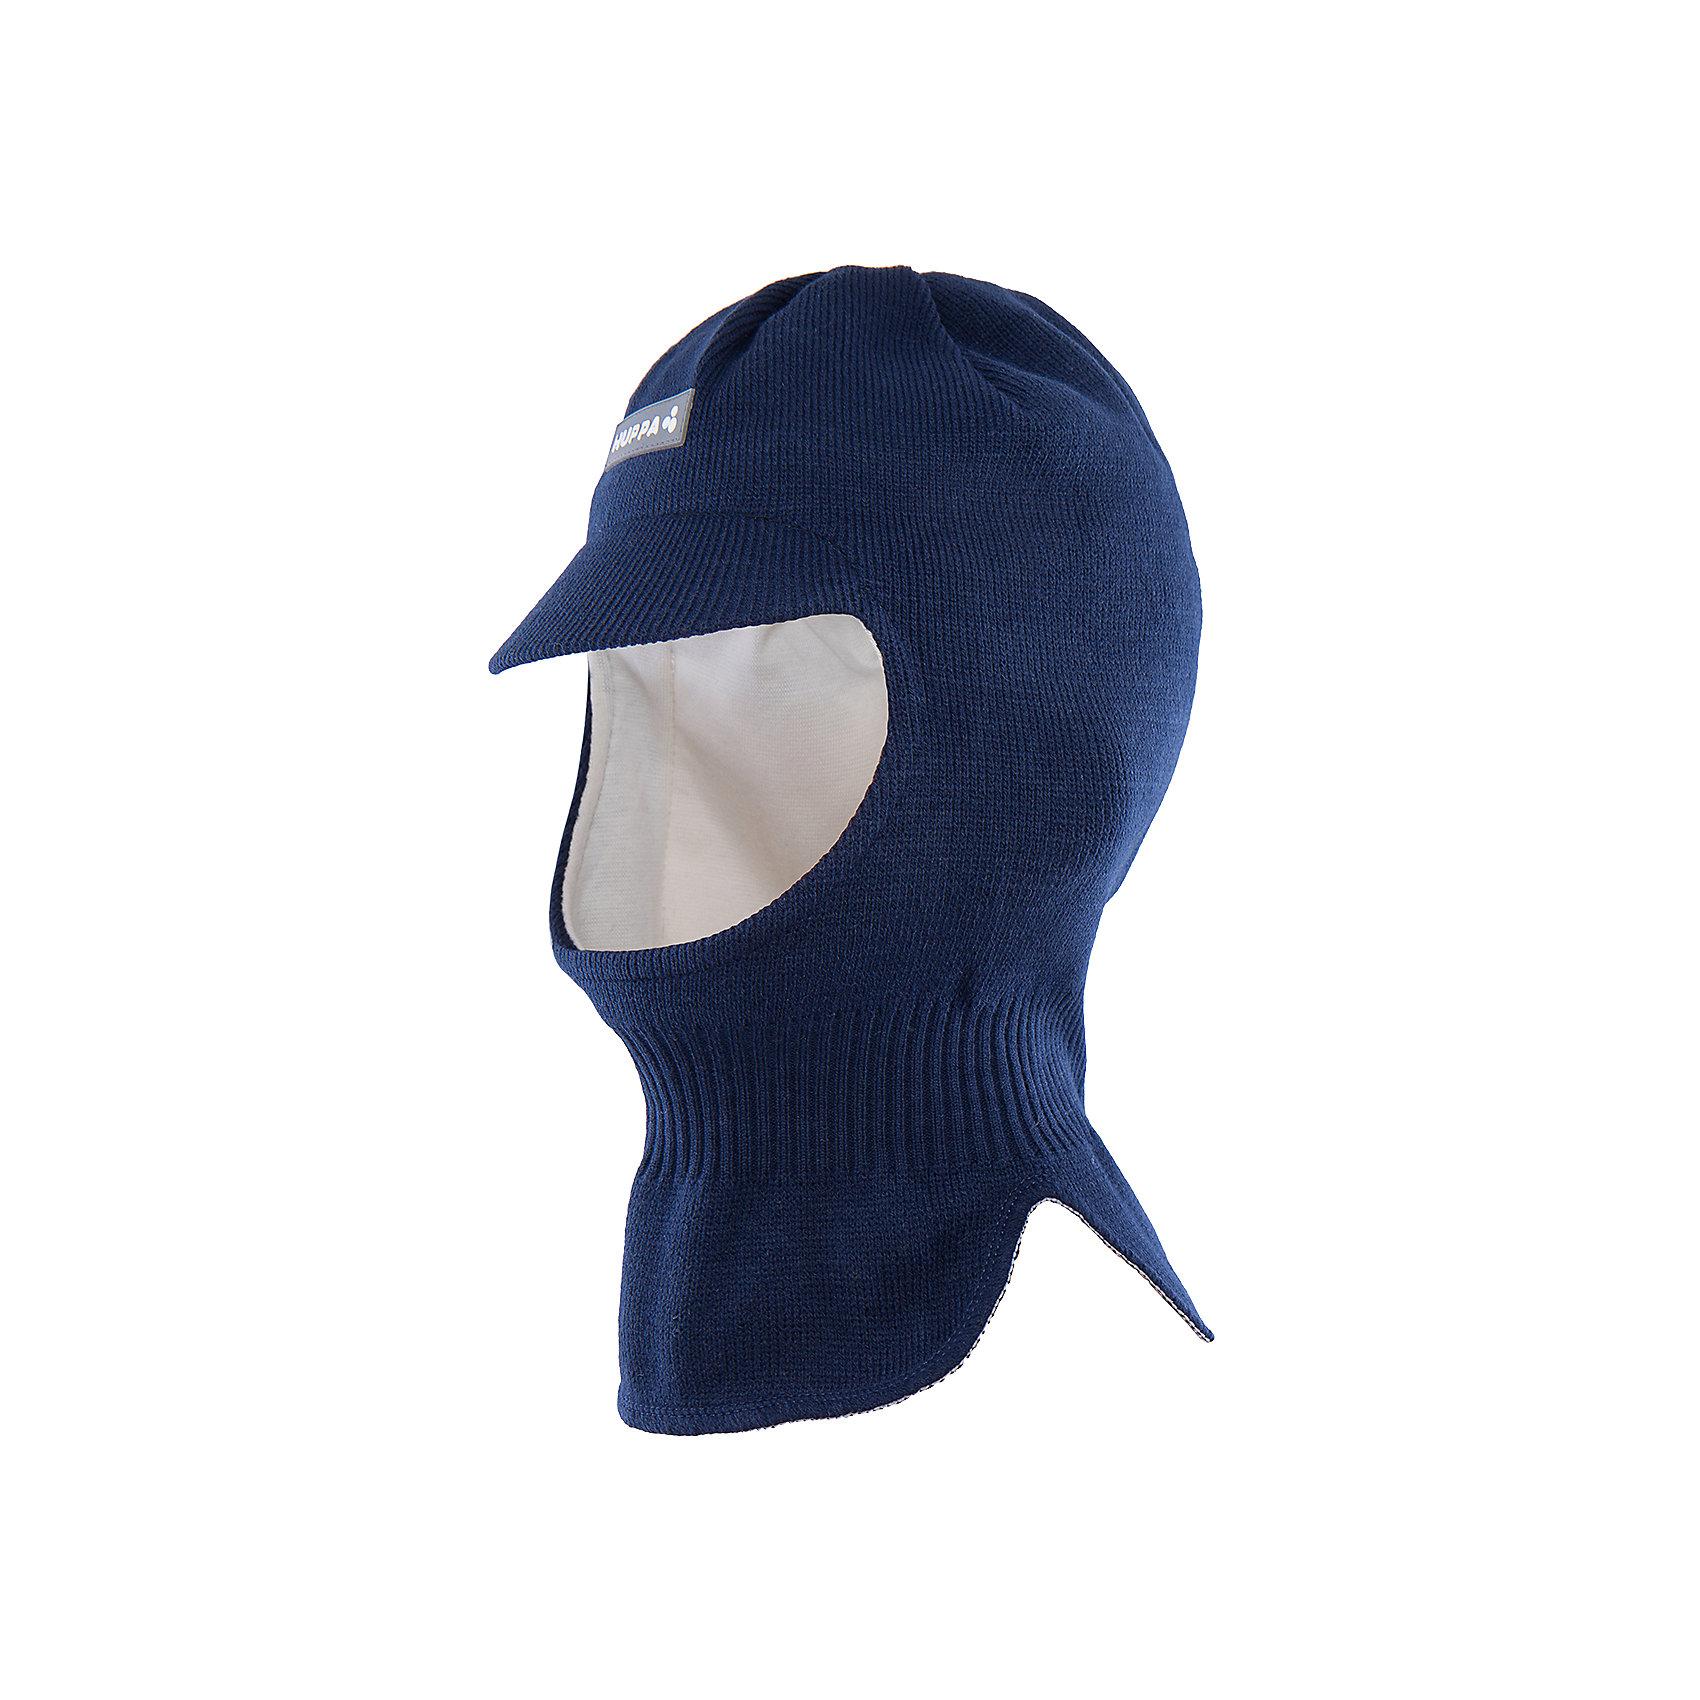 Шапка-шлем  для мальчика HuppaГоловные уборы<br>Классическая вязаная шапка-шлем с козырьком SINDRE Huppa(Хуппа) идеально подойдет для прогулок в зимнее время. Шапка изготовлена из шерсти мериноса и акрила и отлично защитит уши и шею от мороза и ветра. Ее удобно надевать даже под капюшон. Прекрасно впишется в гардероб мальчика.<br><br>Дополнительная информация:<br>Материал: 100% акрил<br>Подкладка: хлопок<br>Цвет: темно-синий<br><br>Шапку-шлем SINDRE Huppa(Хуппа) можно купить в нашем интернет-магазине.<br><br>Ширина мм: 89<br>Глубина мм: 117<br>Высота мм: 44<br>Вес г: 155<br>Цвет: синий<br>Возраст от месяцев: 12<br>Возраст до месяцев: 24<br>Пол: Мужской<br>Возраст: Детский<br>Размер: 47-49,55-57,51-53<br>SKU: 4923902